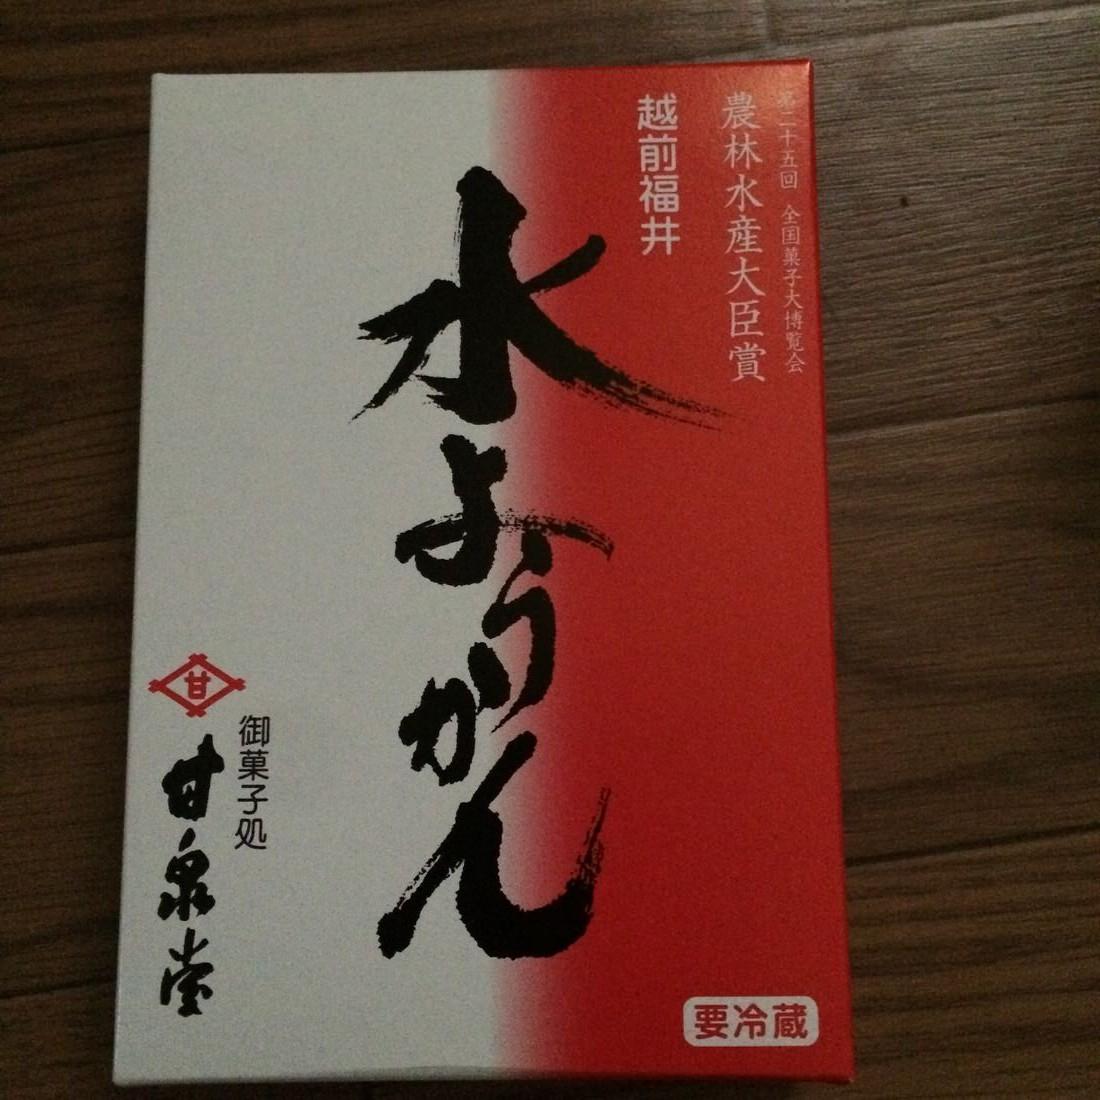 福井土産の水ようかんを食べ始めたら一人で全部食べてしまった!